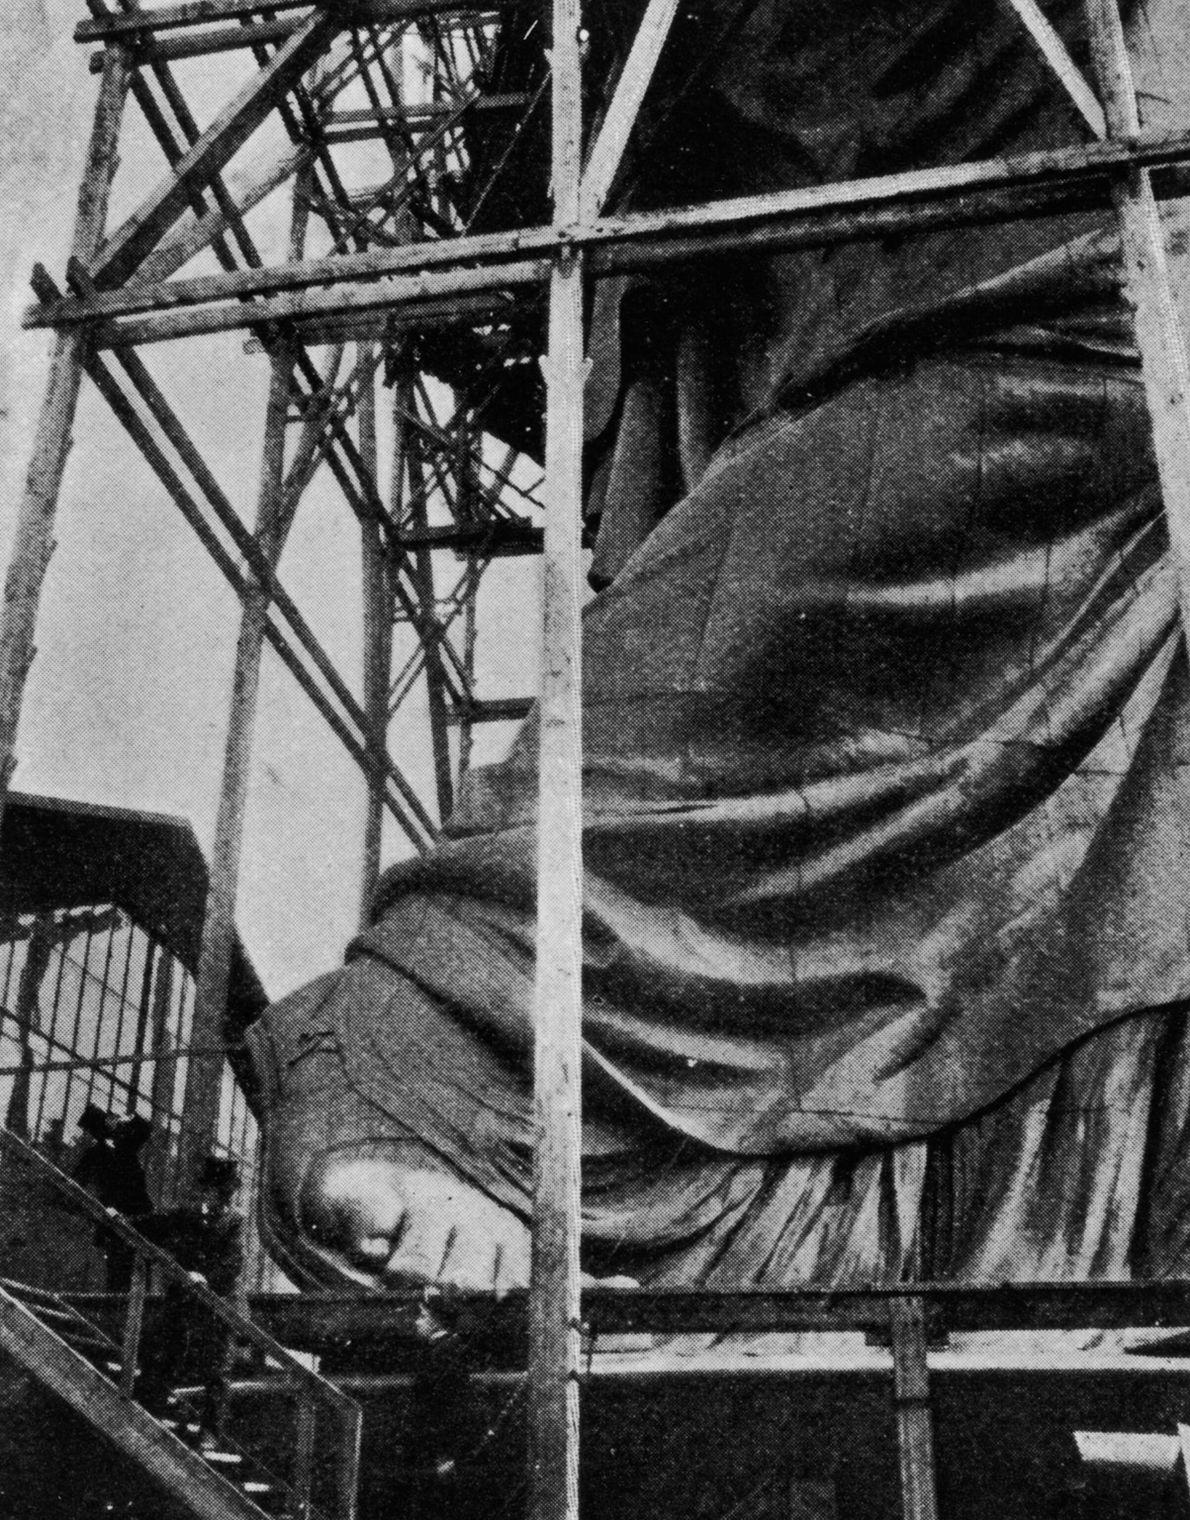 El pie de la Estatua de la Libertad